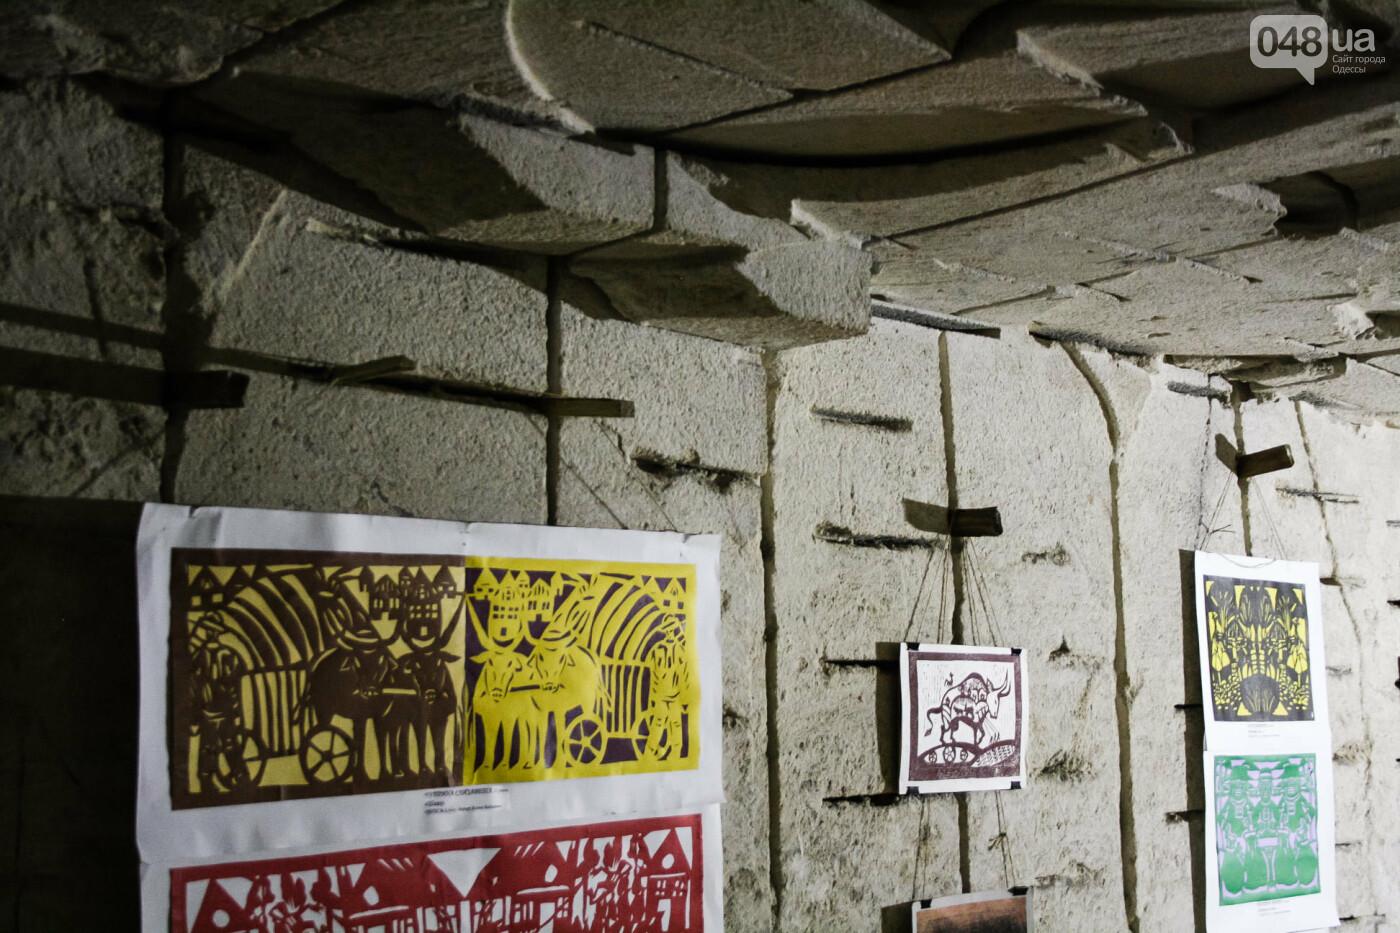 В Одесской области открылась выставка под землей,-ФОТОРЕПОРТАЖ, фото-14